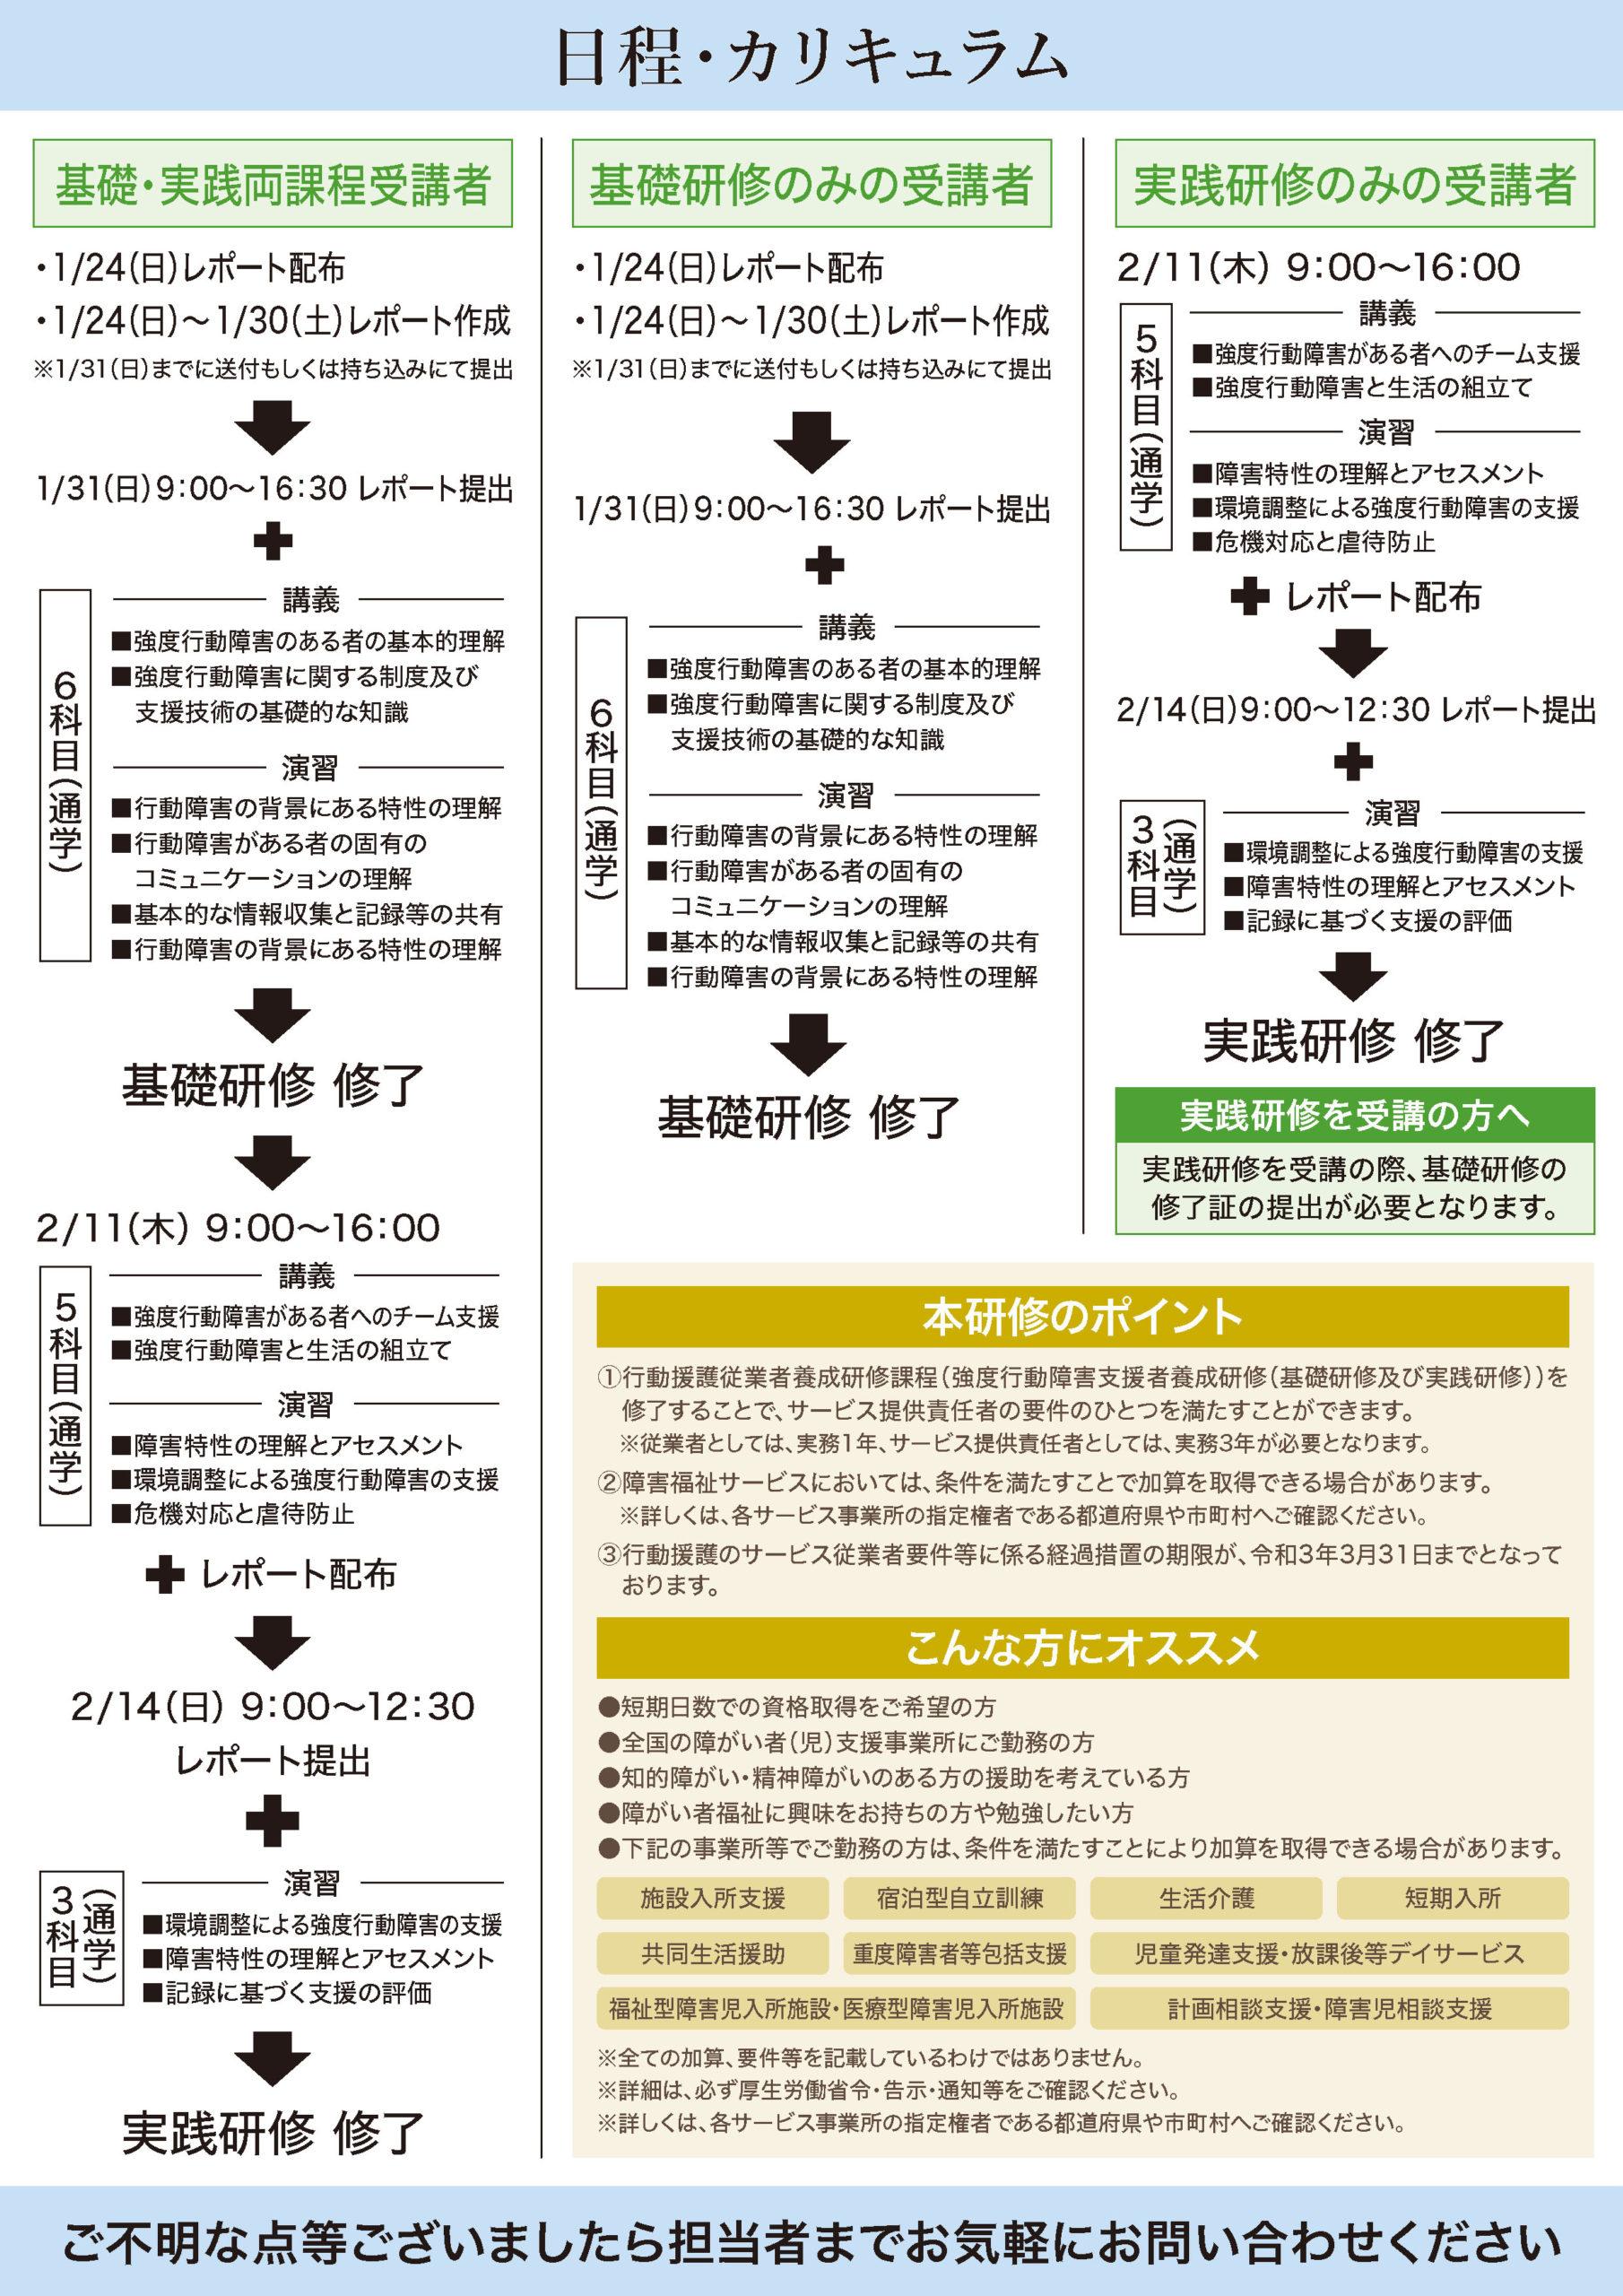 強度行動障害支援者養成研修チラシ(2021-01)改定版-ウラ